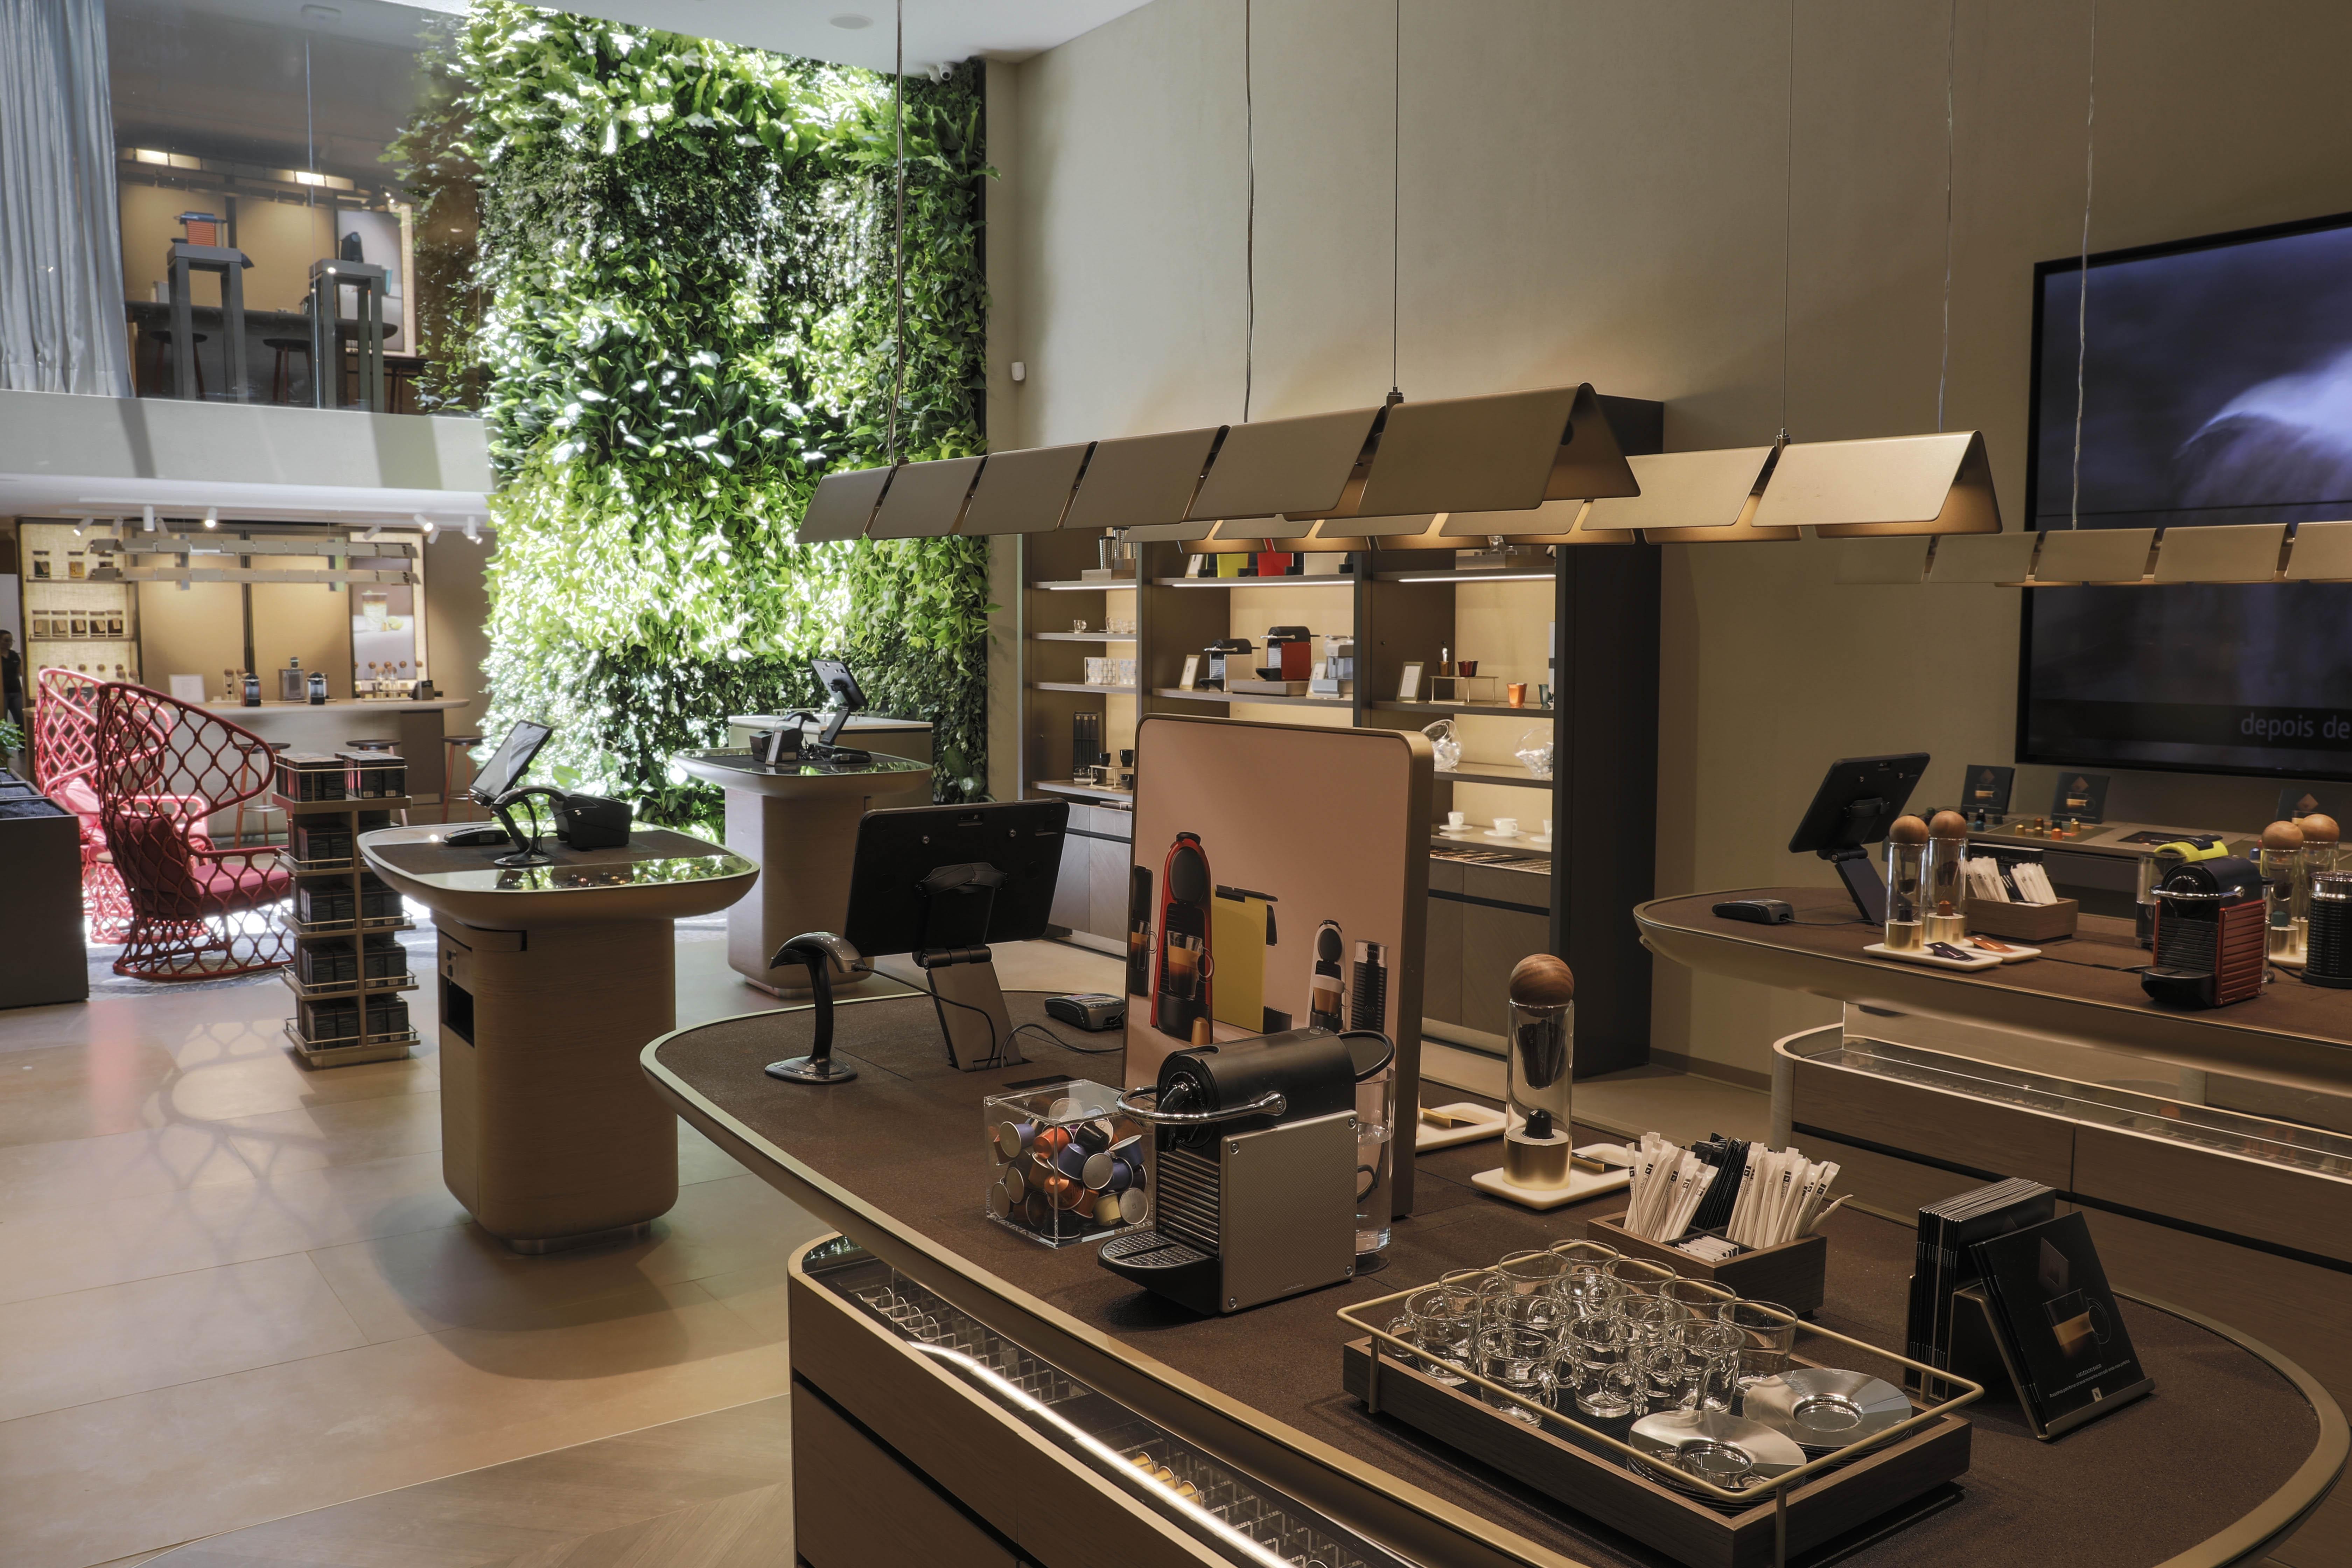 IAP9730 1 - Nespresso inaugura novo conceito de boutique em São Paulo